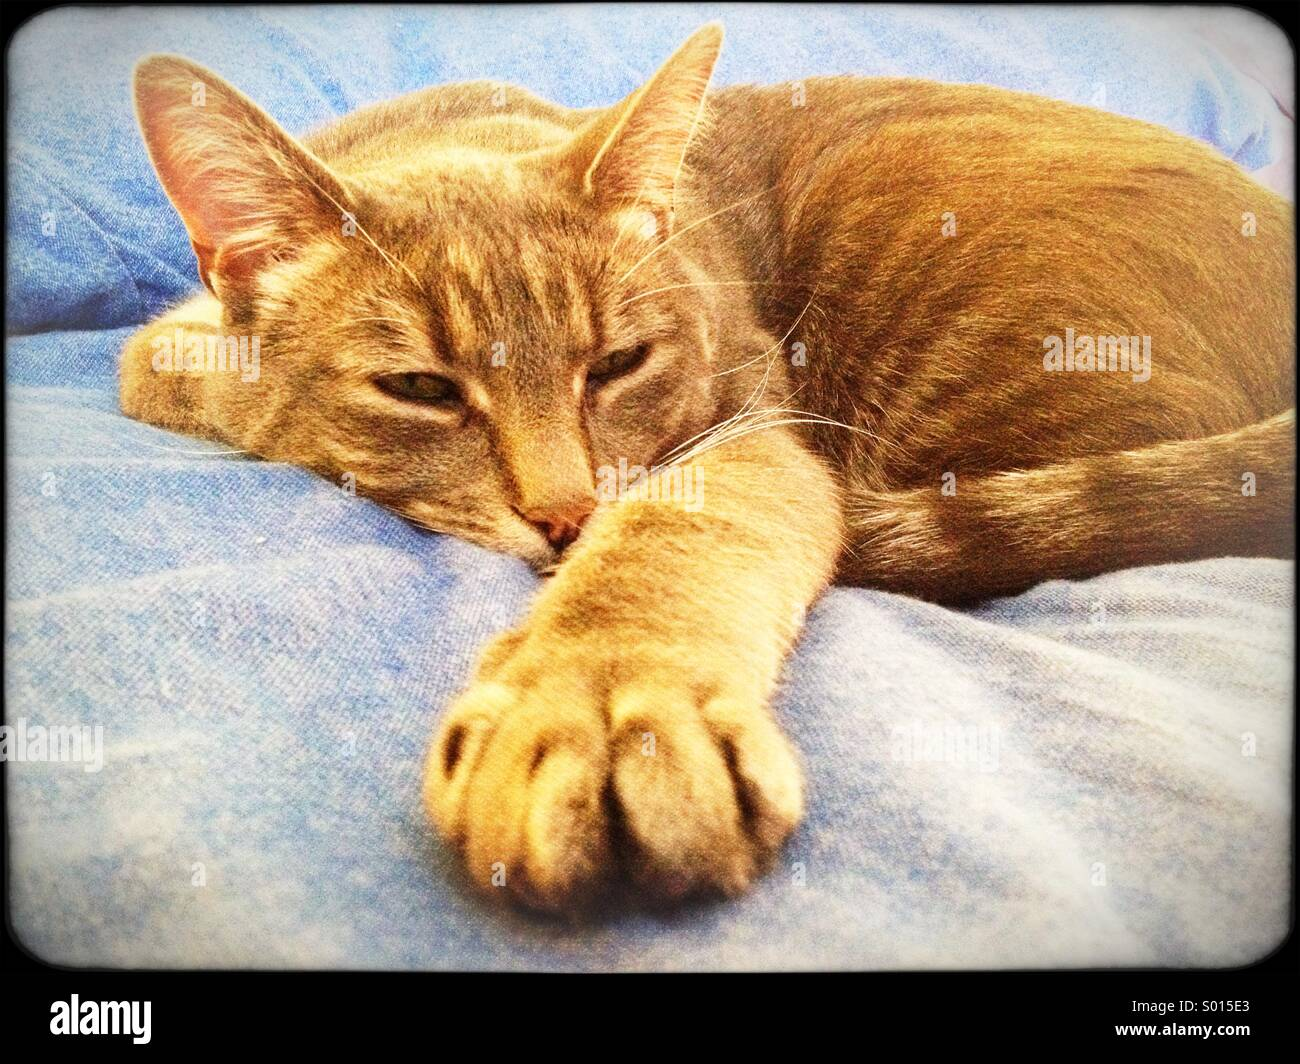 Tabby gatto che sonnecchia su fogli blu Immagini Stock